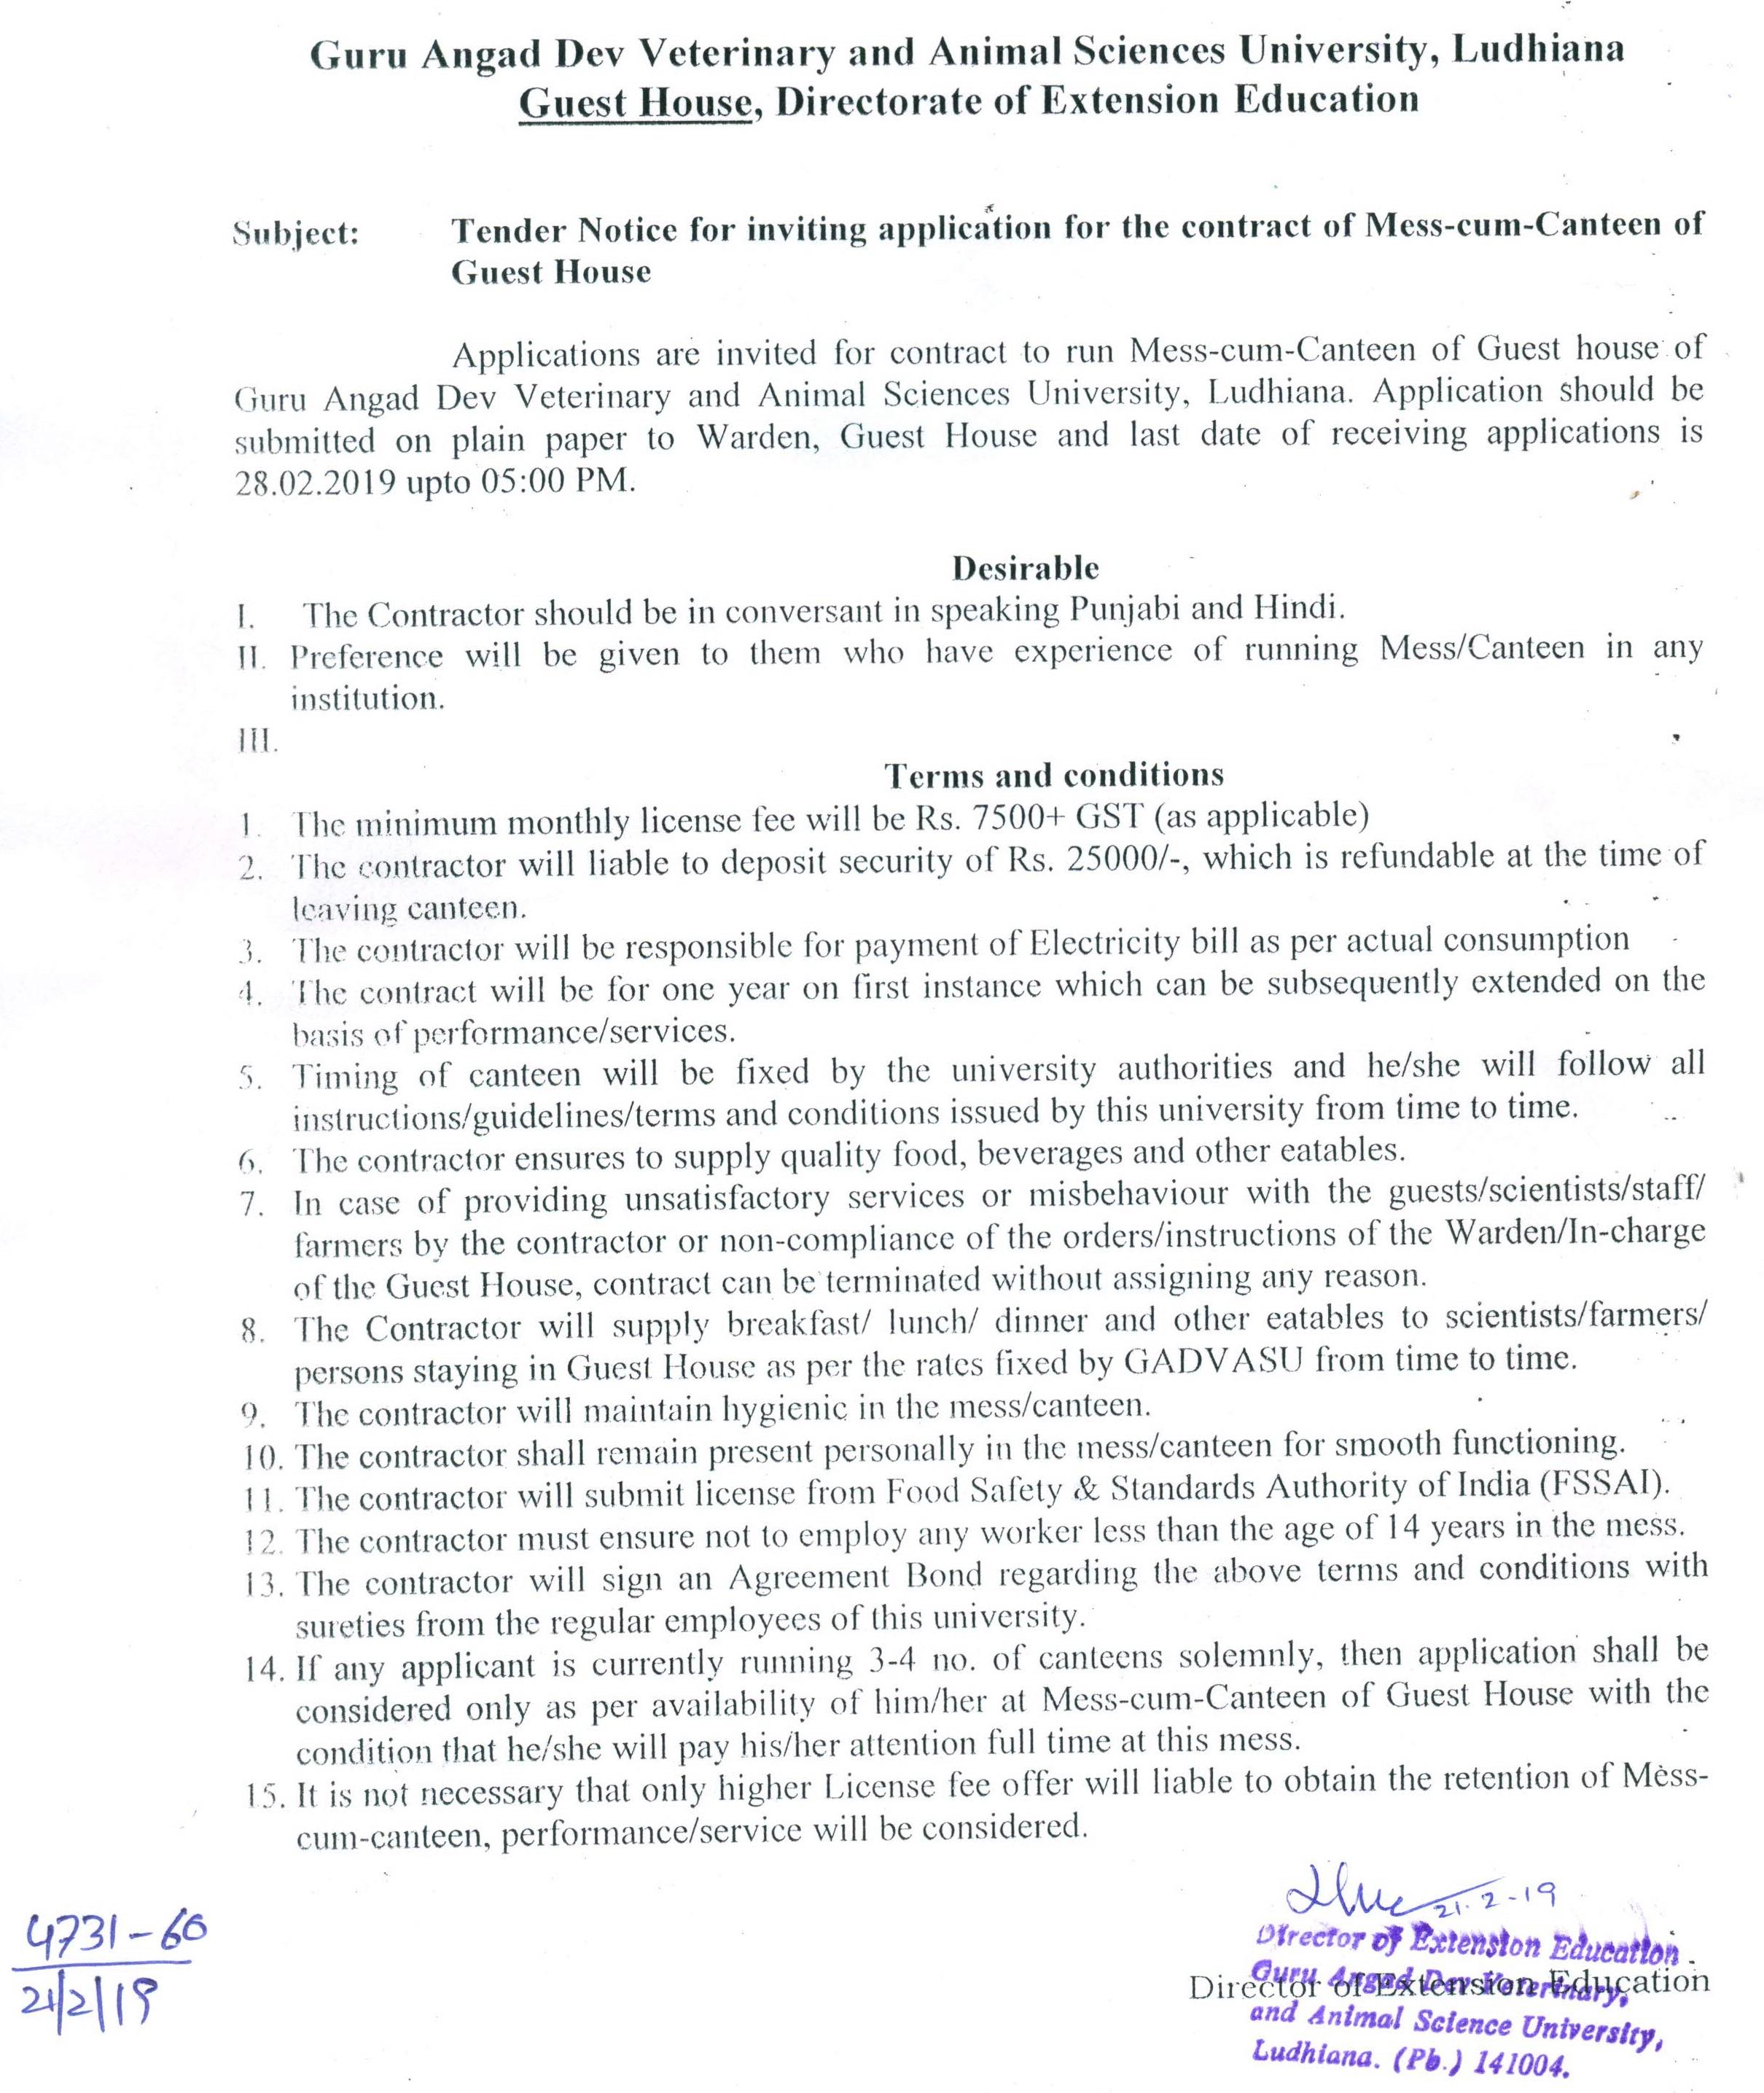 GADVASU - Guru Angad Dev Veterinary And Animal Sciences